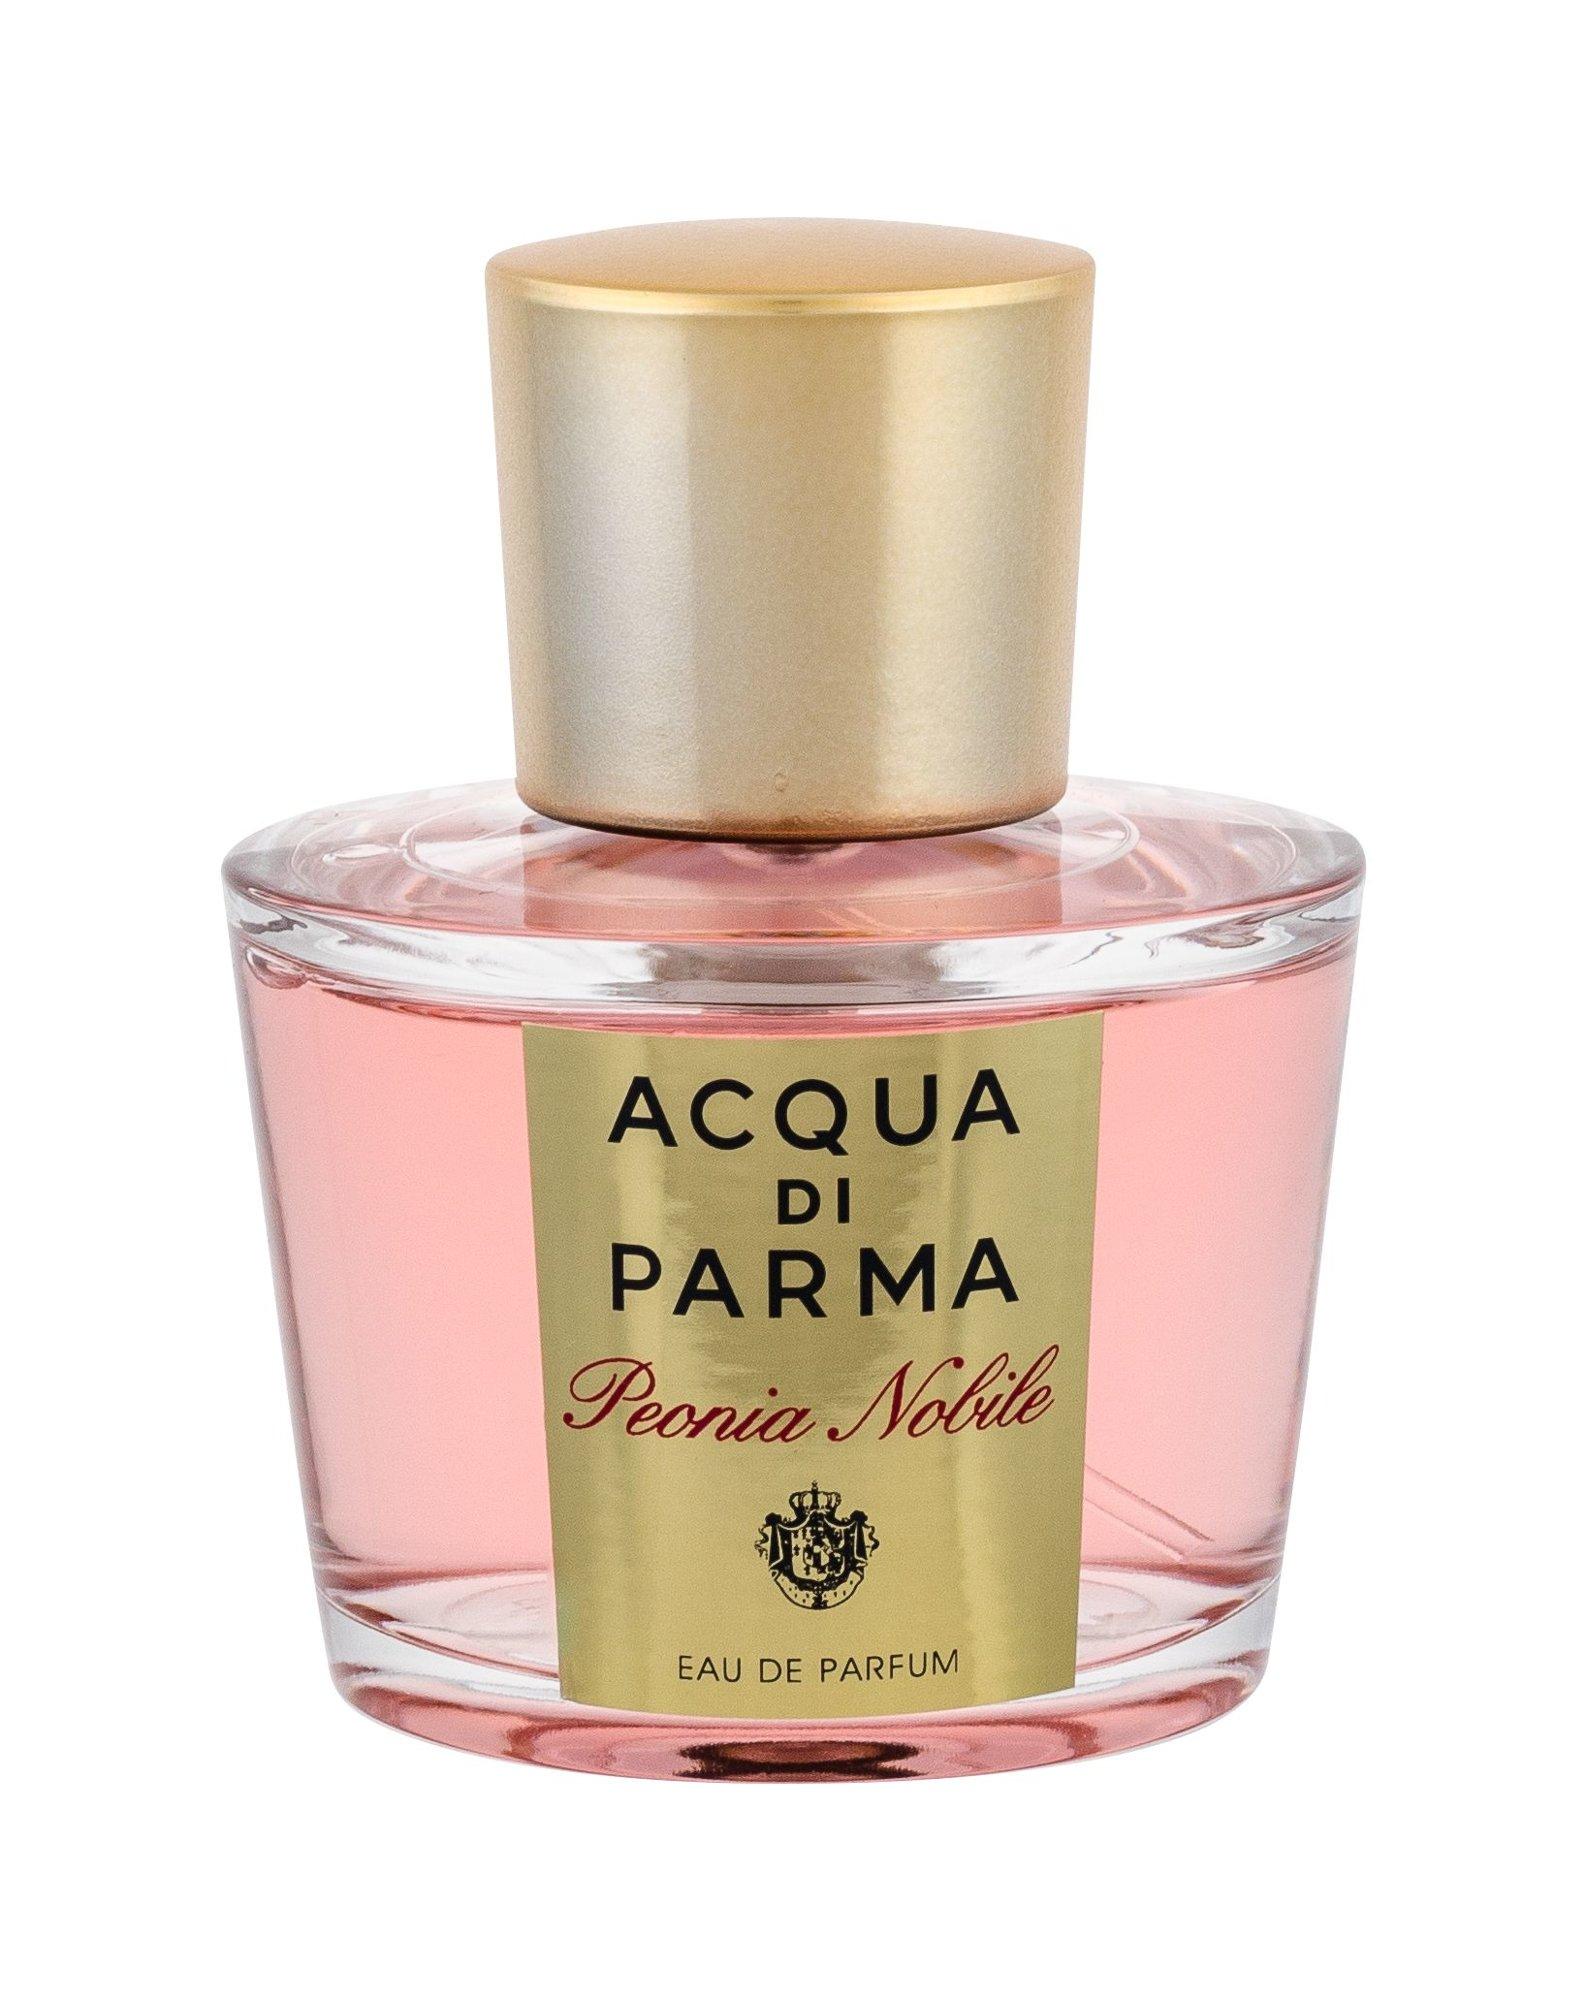 Acqua di Parma Peonia Nobile Eau de Parfum 50ml